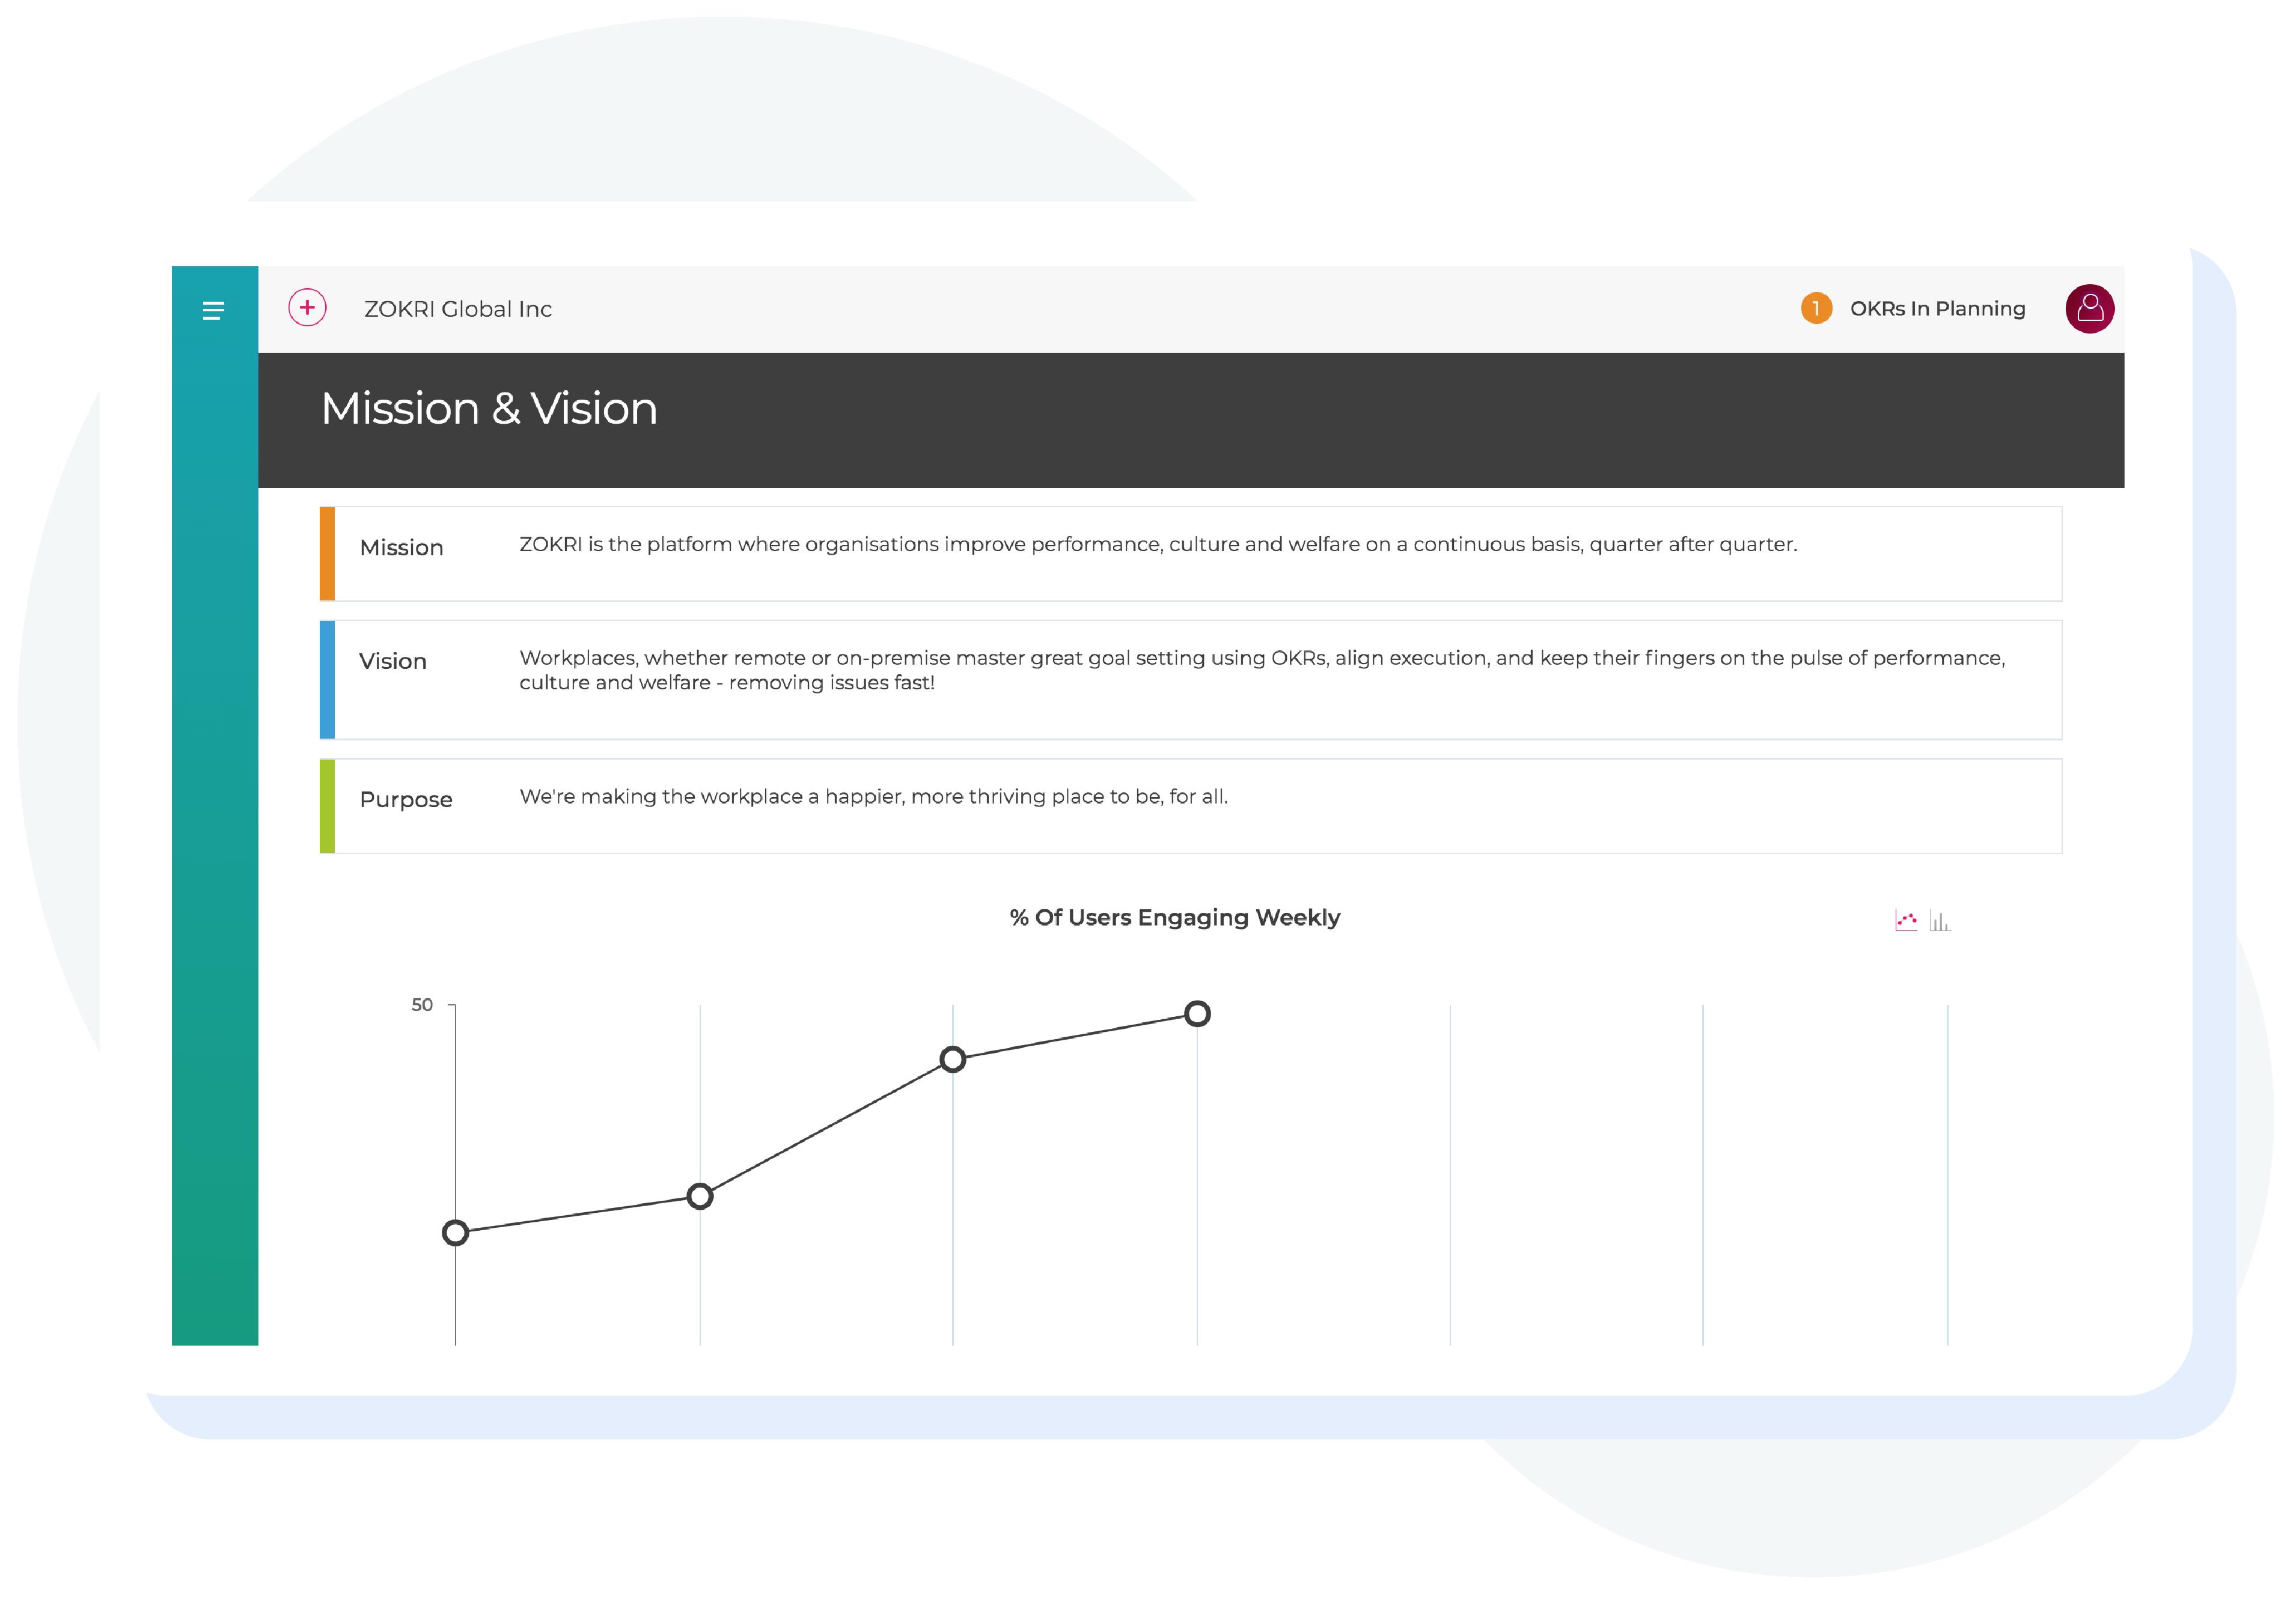 ZOKRI - You Will Be Platformed For Quarter-on-Quarter Success